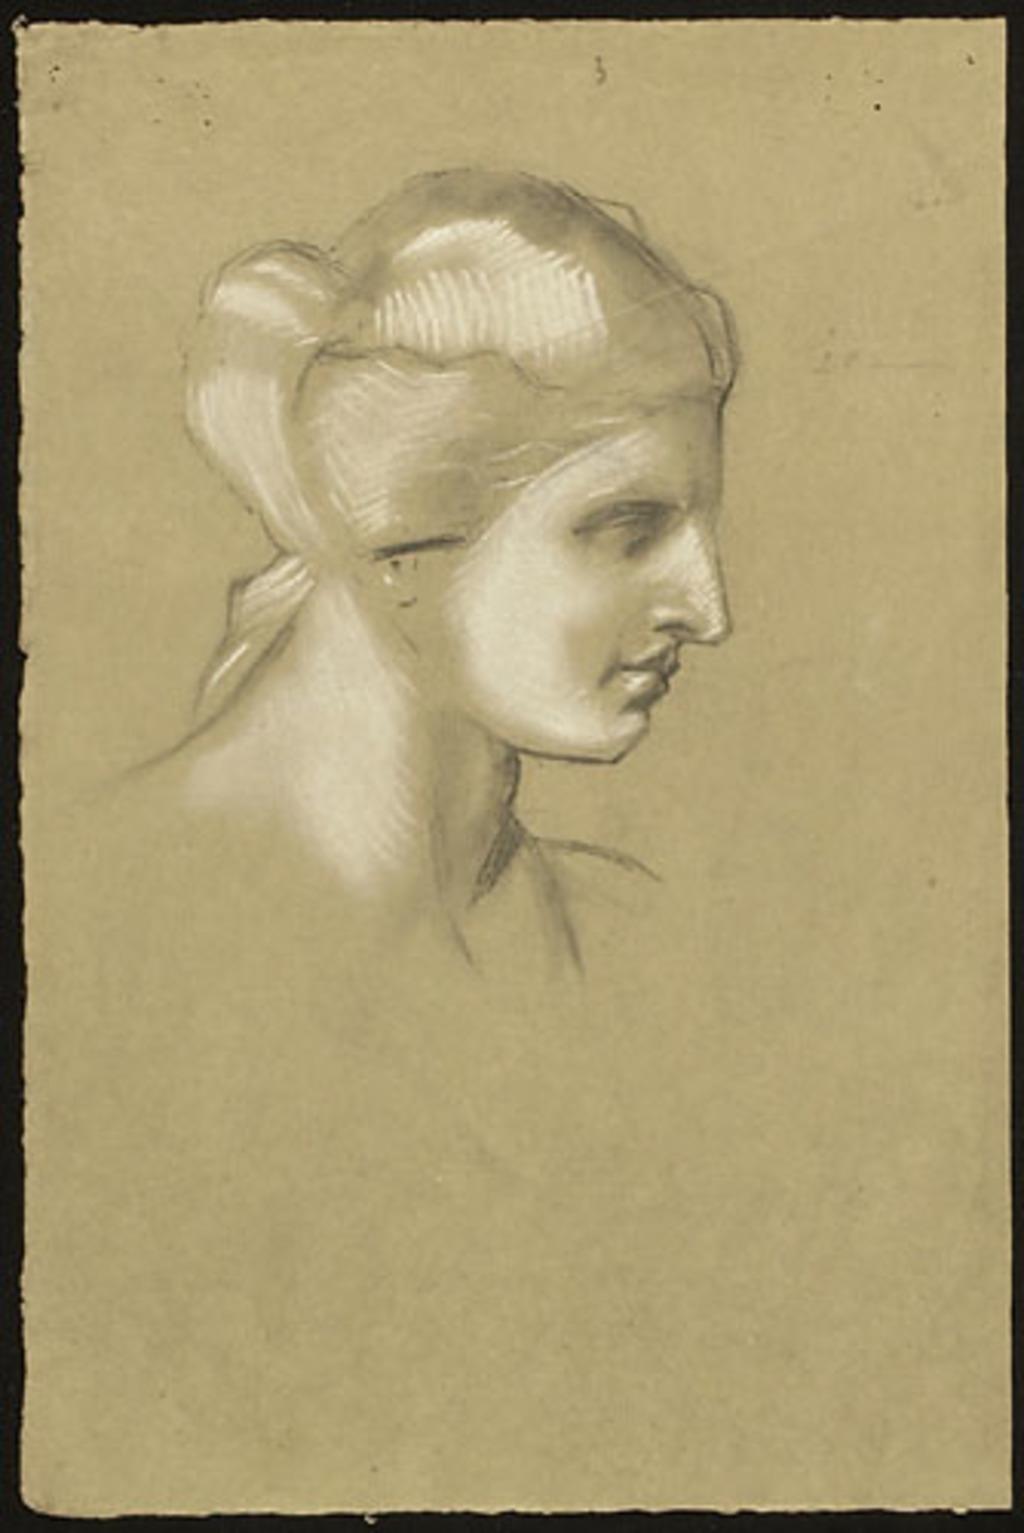 Tête de Vénus, étude d'après le plâtre